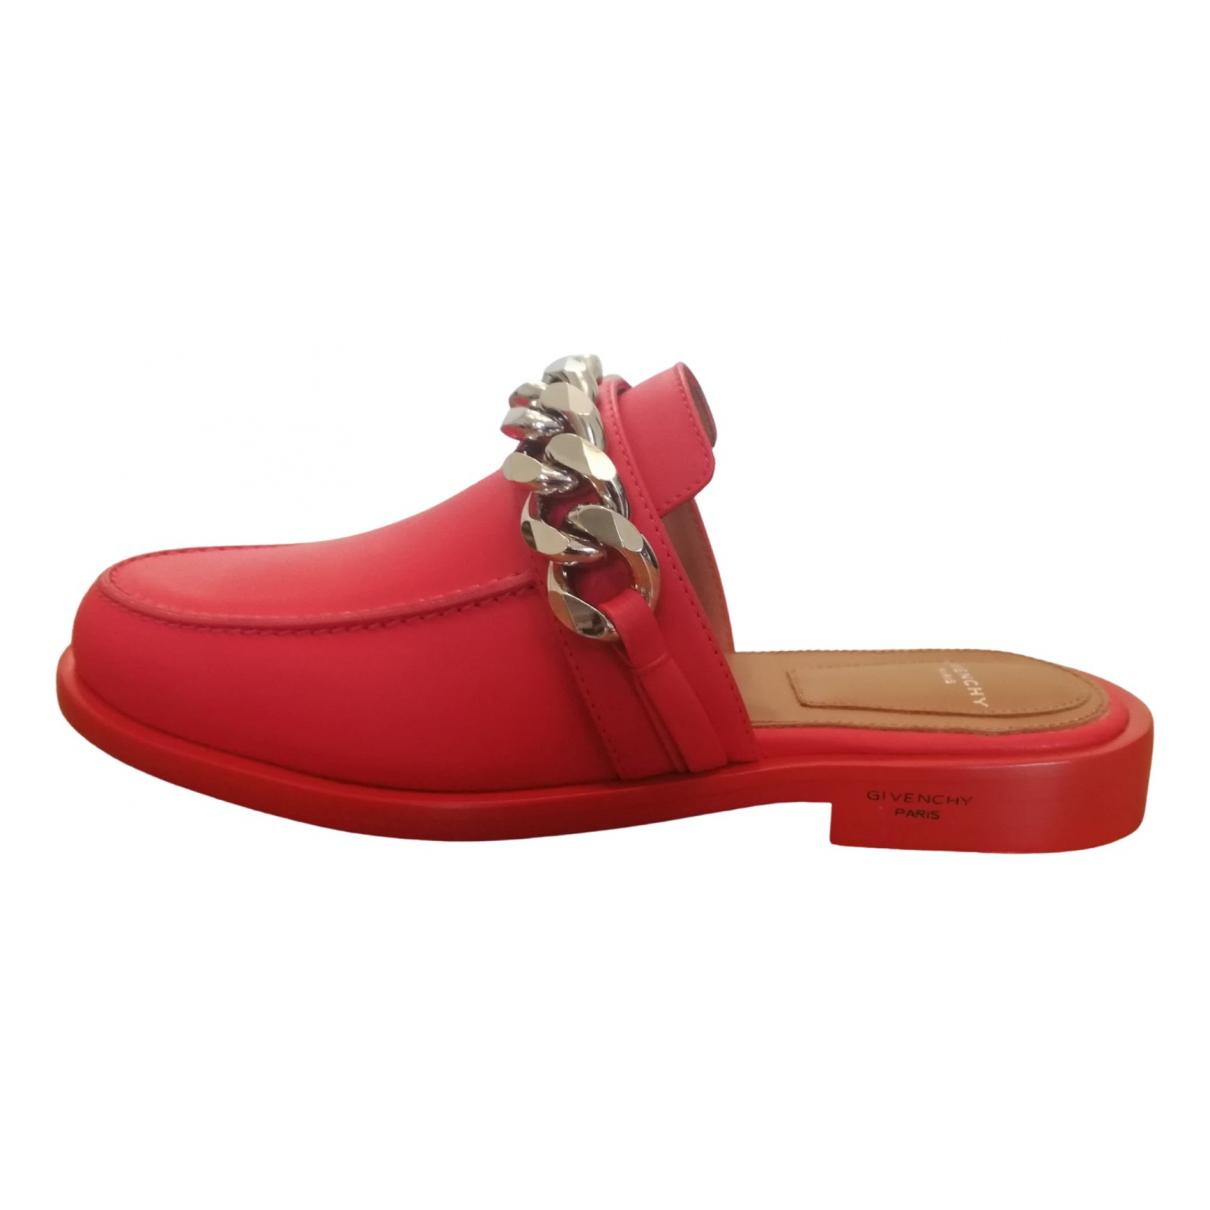 Givenchy \N Mokassins in  Rot Leder